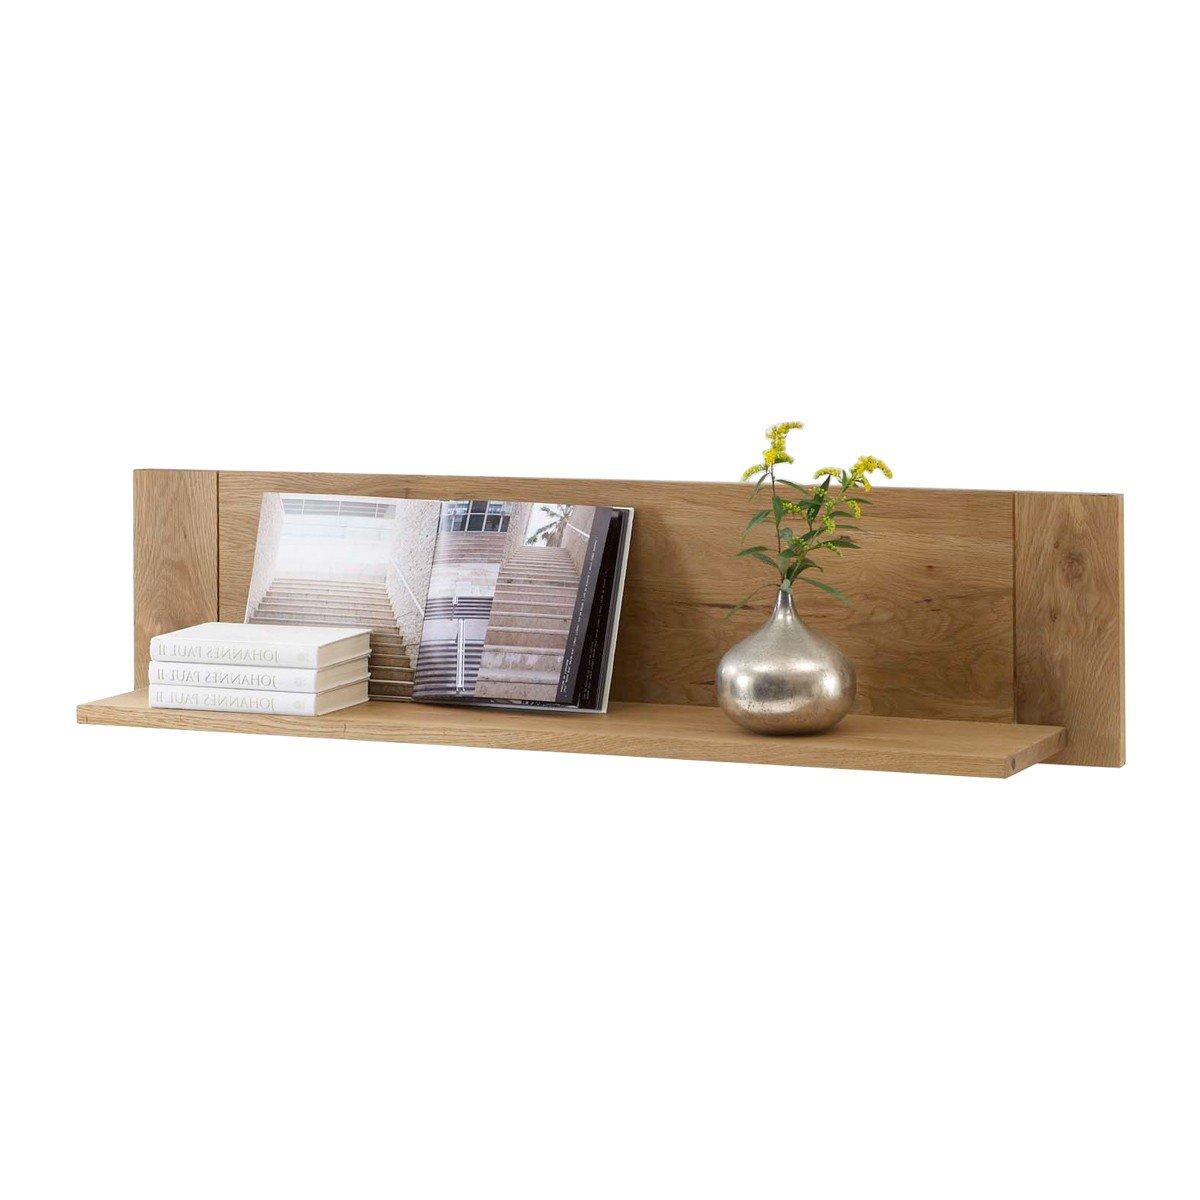 Wandregal Wandboard Bücherregal Regal Arklönd, Massivholz Holz Wildeiche massiv geölt, Breite 192 cm, Tiefe 25 cm, Höhe 30 cm günstig bestellen